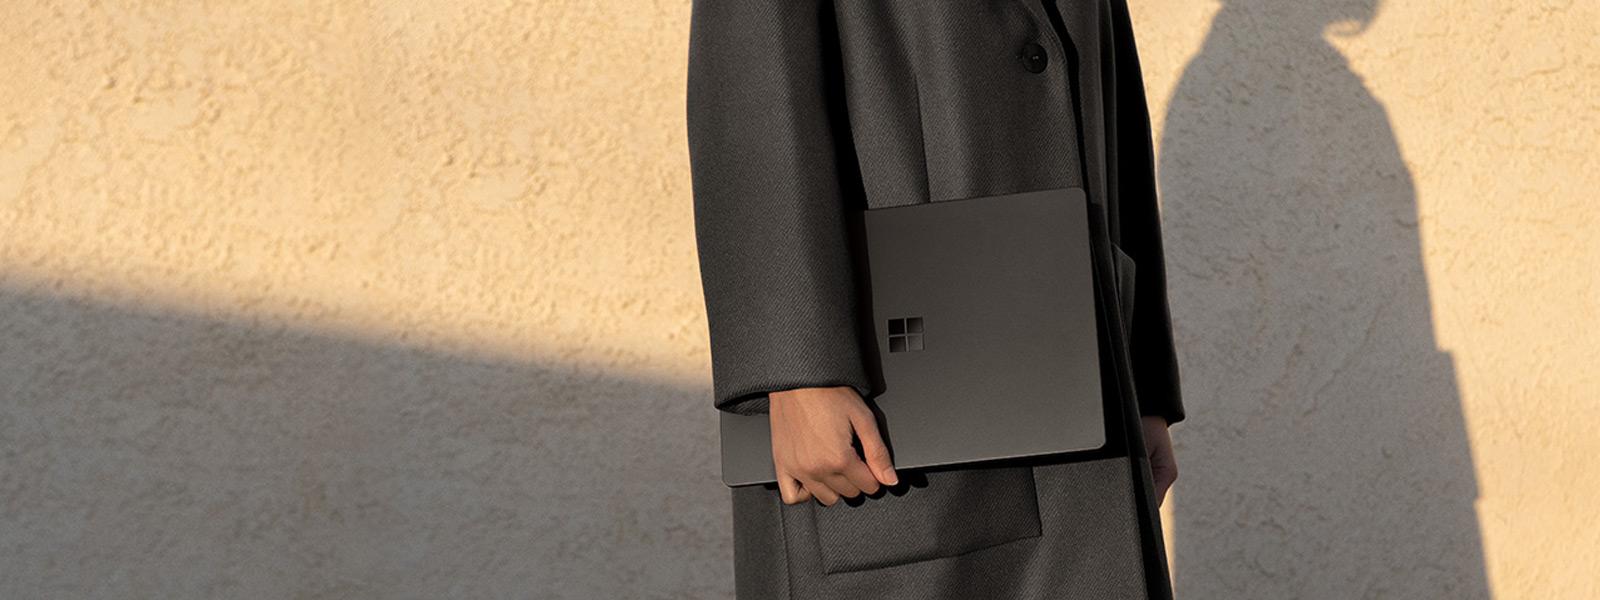 Una persona con un abrigo negro sostiene un dispositivo Surface Laptop 2 en negro